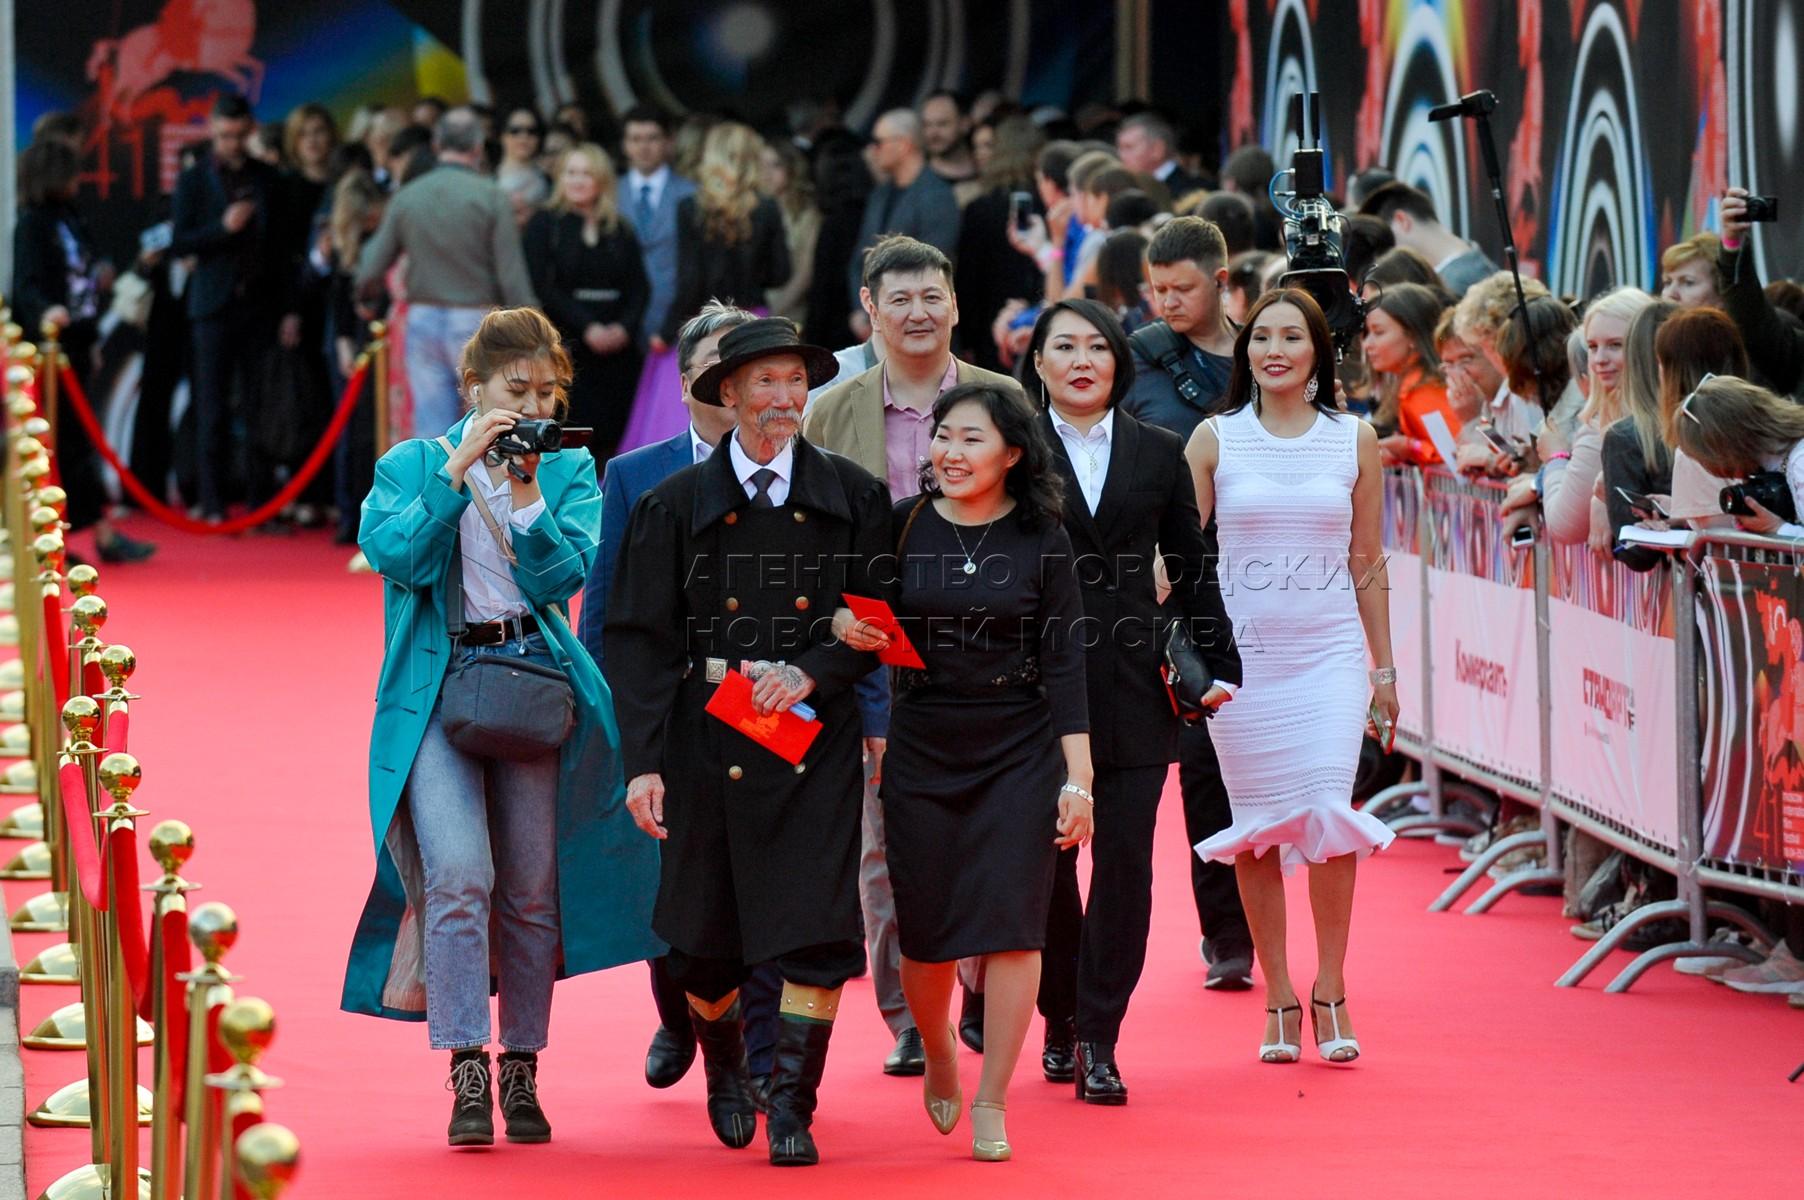 Съемочная группа фильма «Надо мною солнце не садится» перед началом церемонии закрытия 41-го Московского международного кинофестиваля.